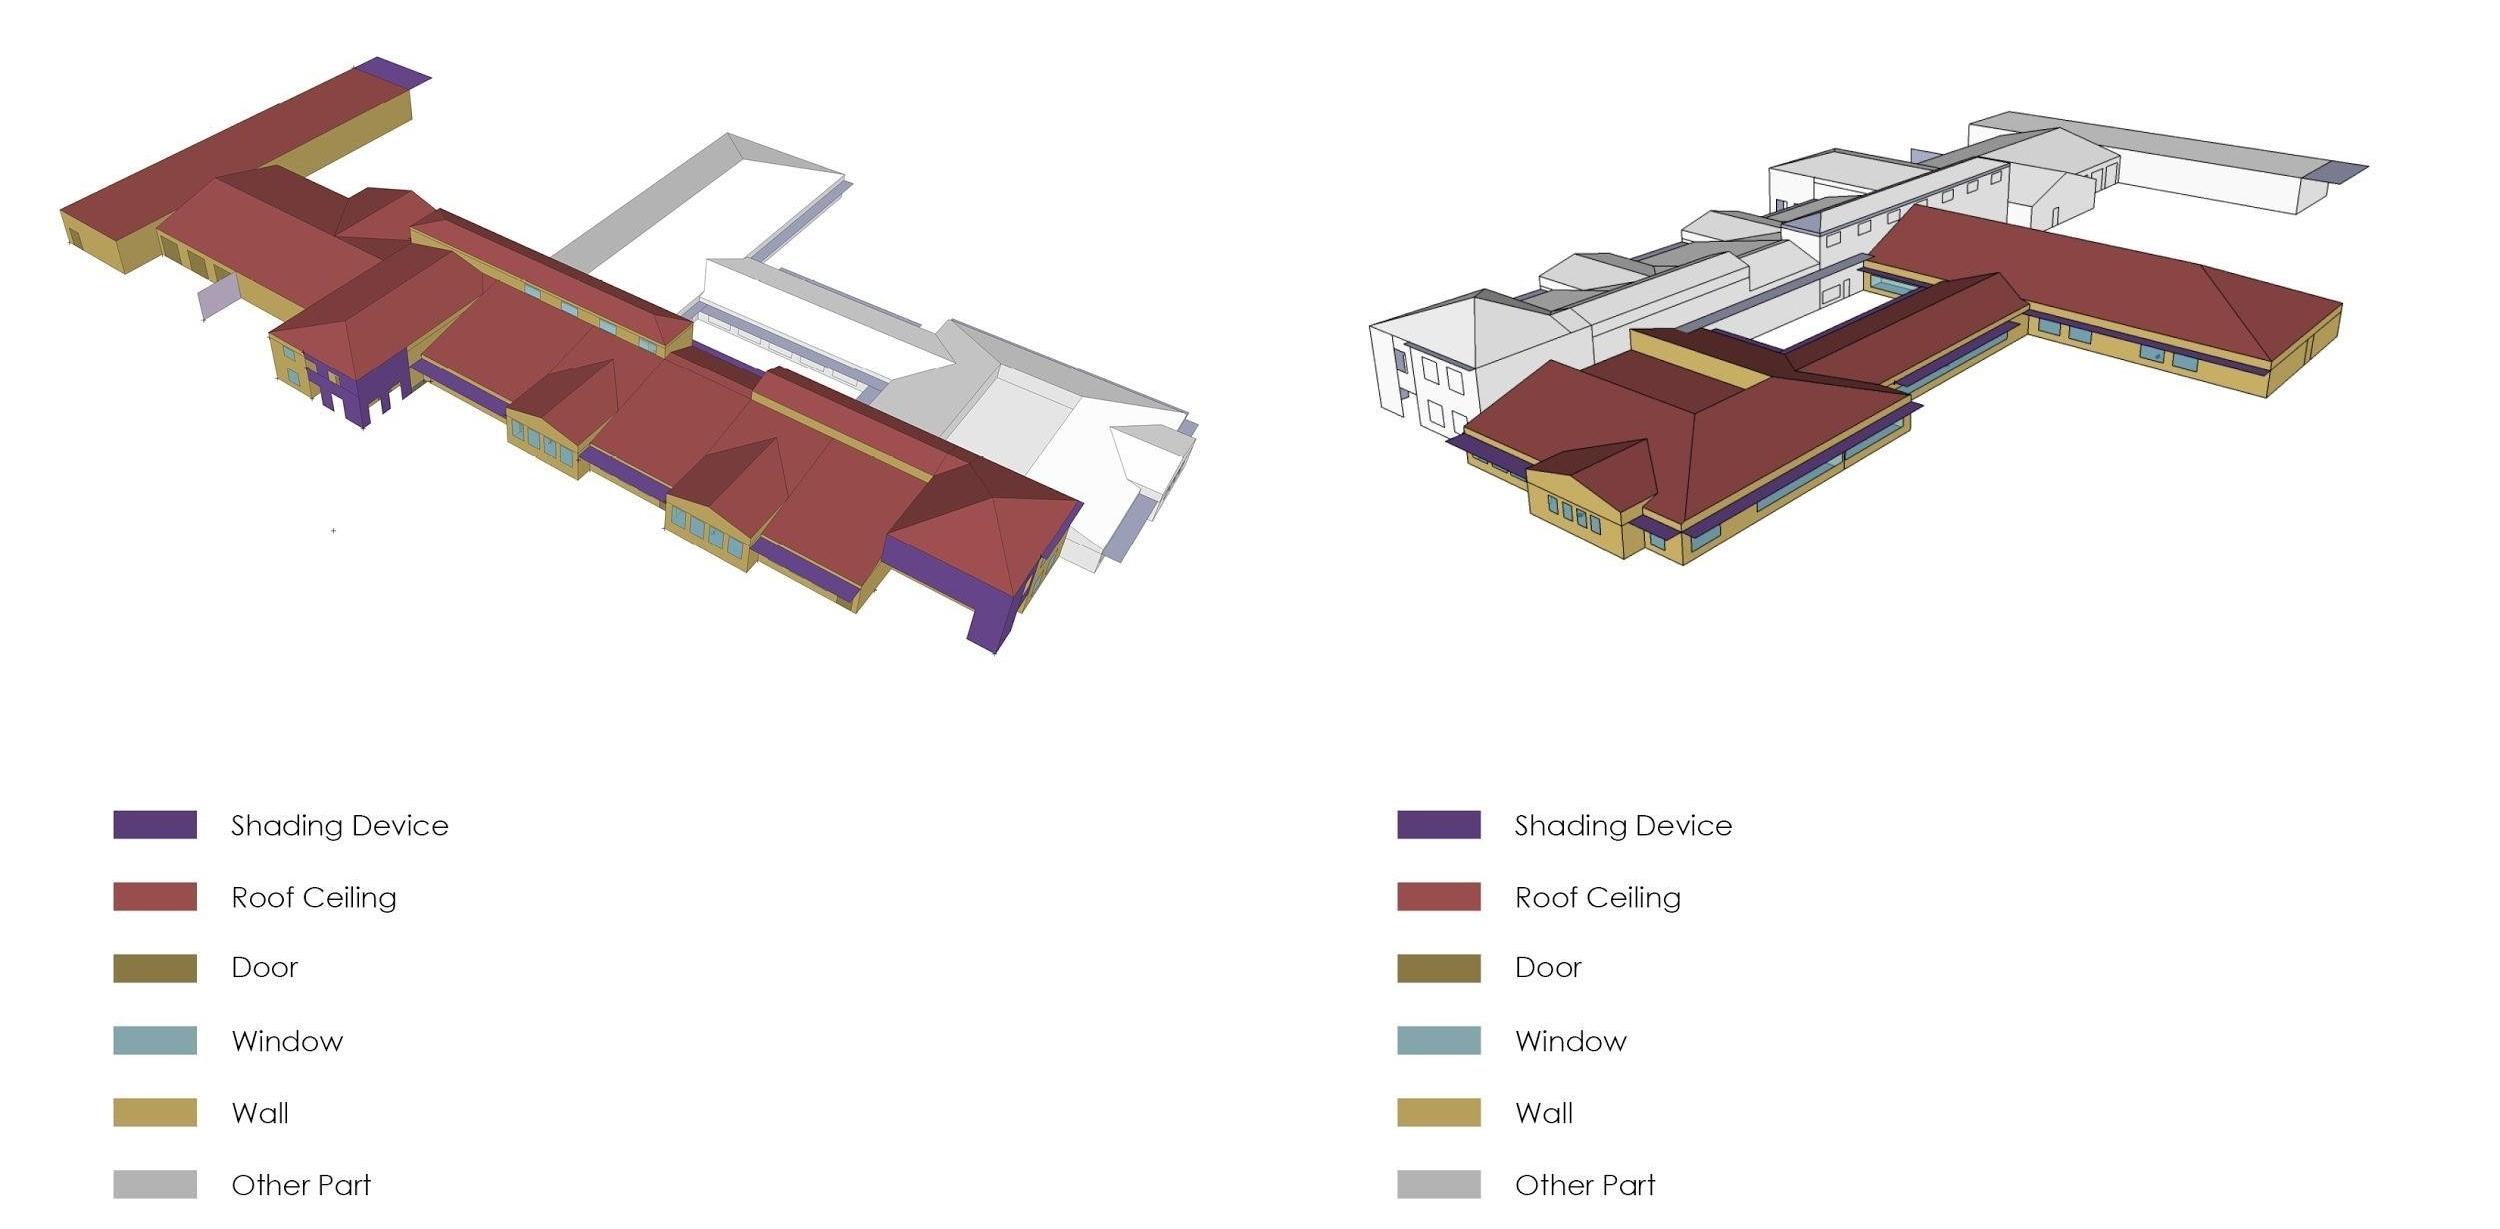 Figure 1. Surface type in Openstudio.